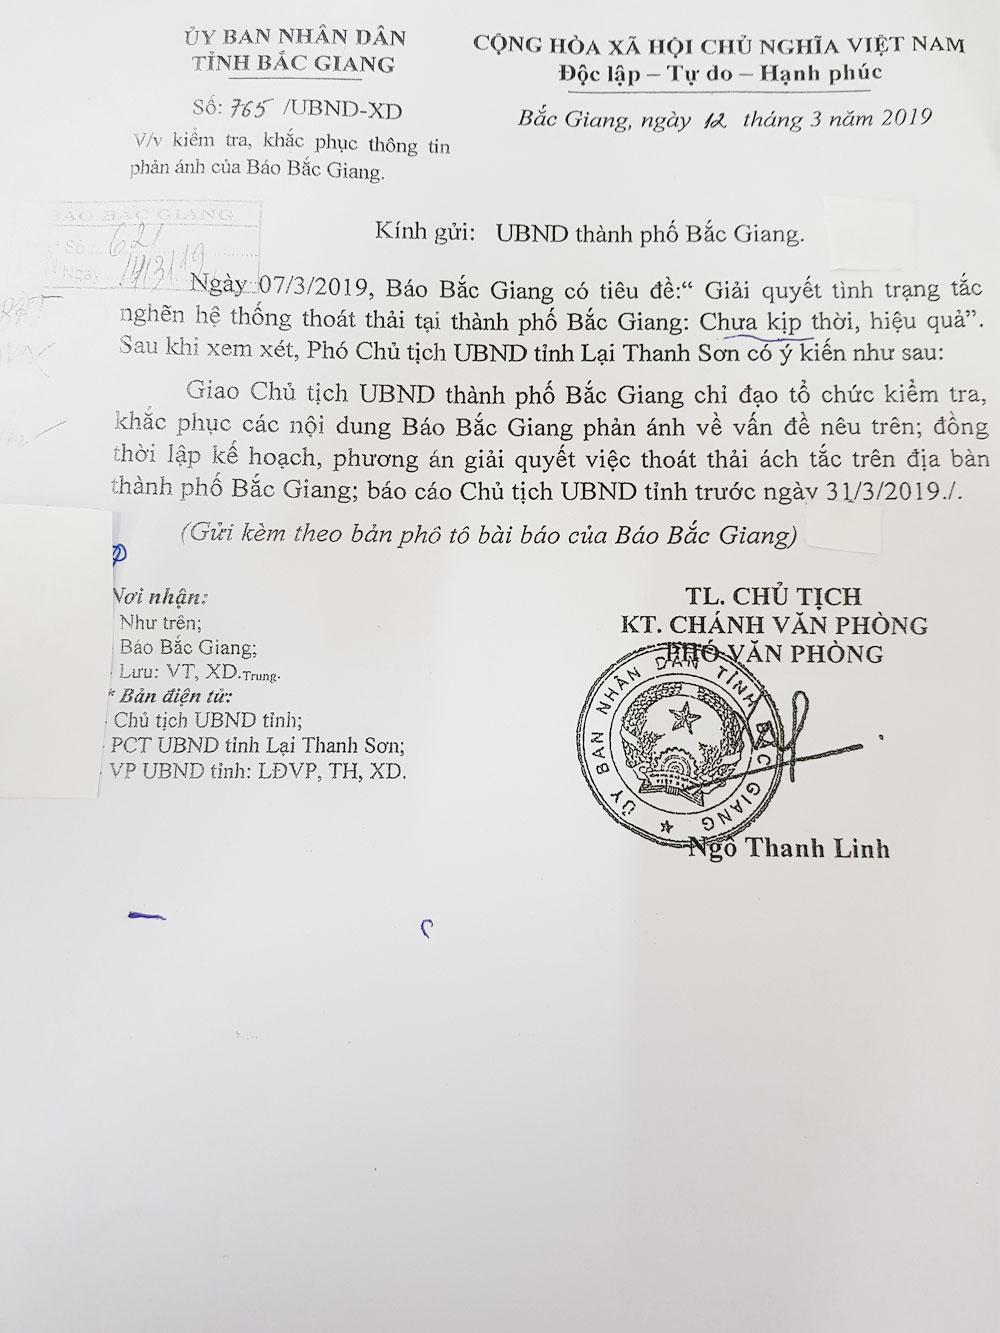 Lại Thanh Sơn, Bắc Giang, tắc nghẽn, hệ thống thoát thải, TP Bắc Giang